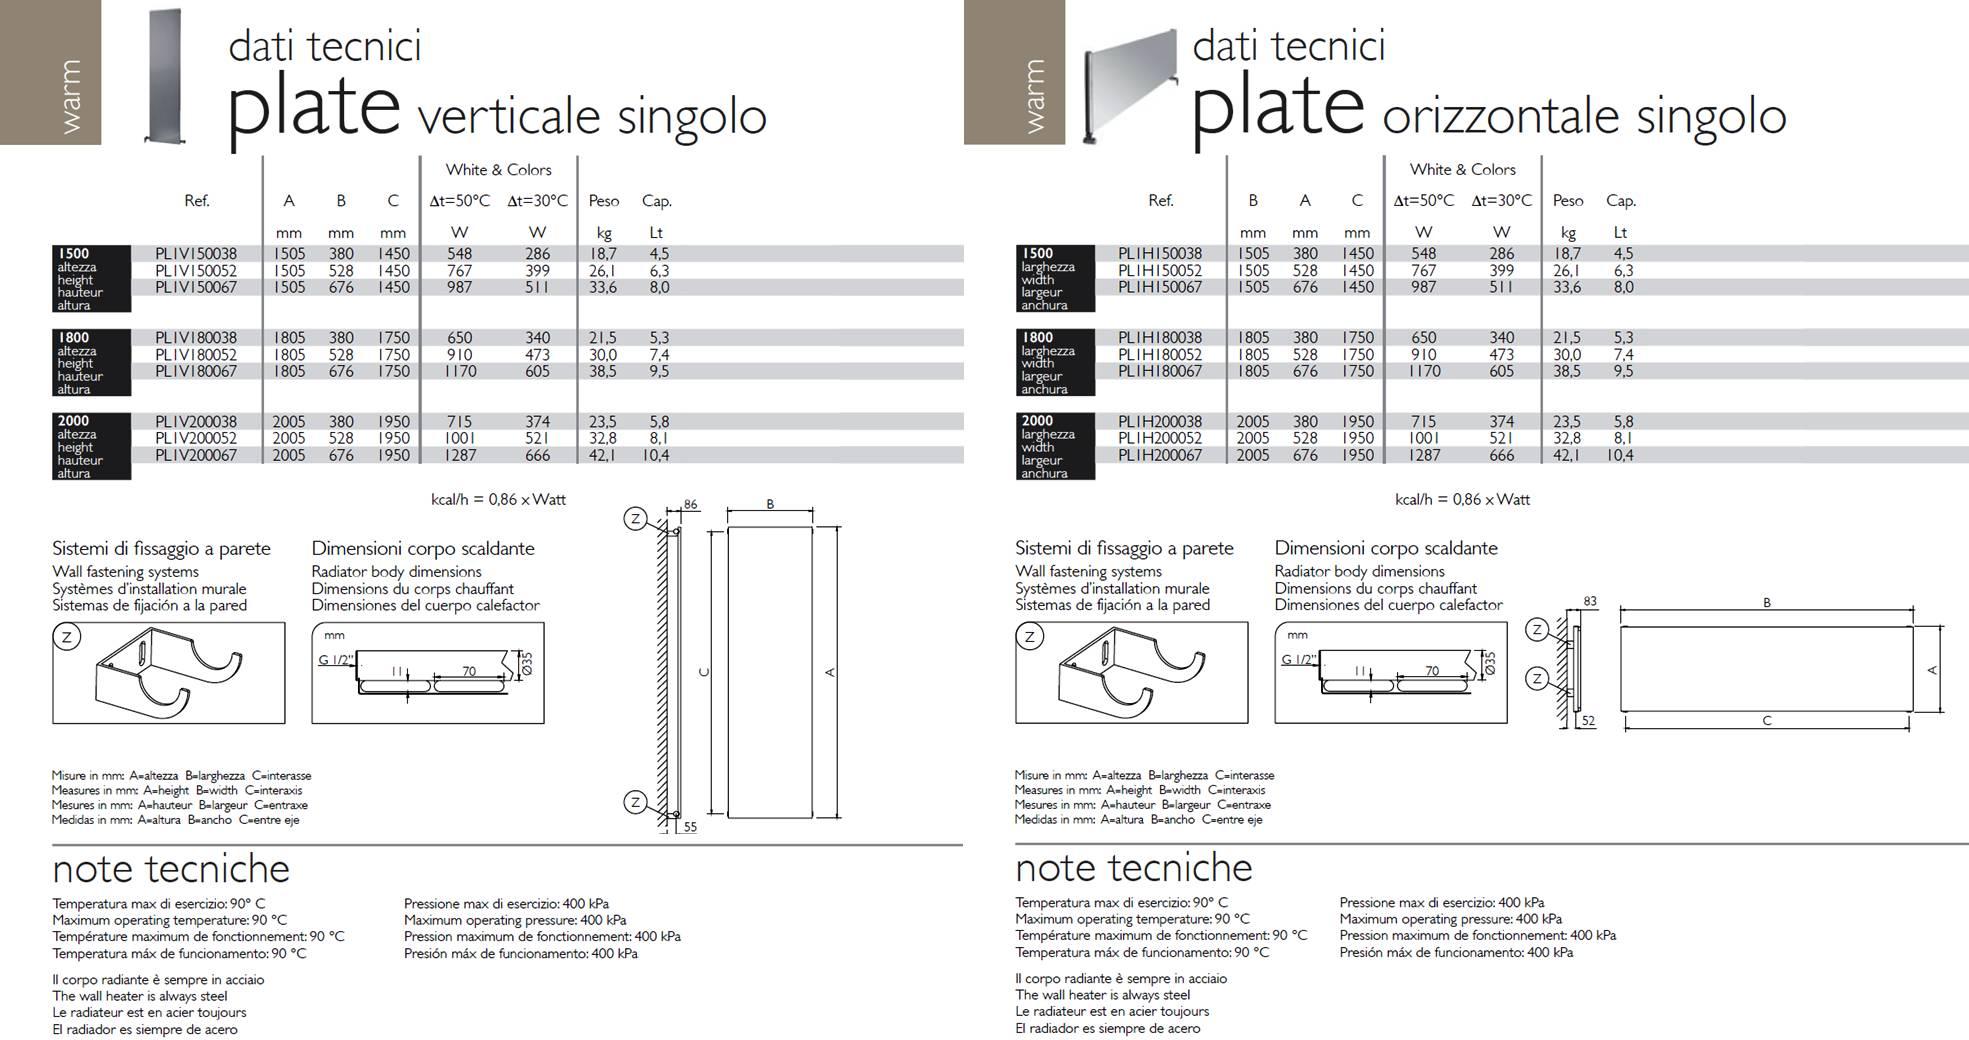 scheda_tecnica_plate_deltacalor_orizzontale_e_verticale_singolo